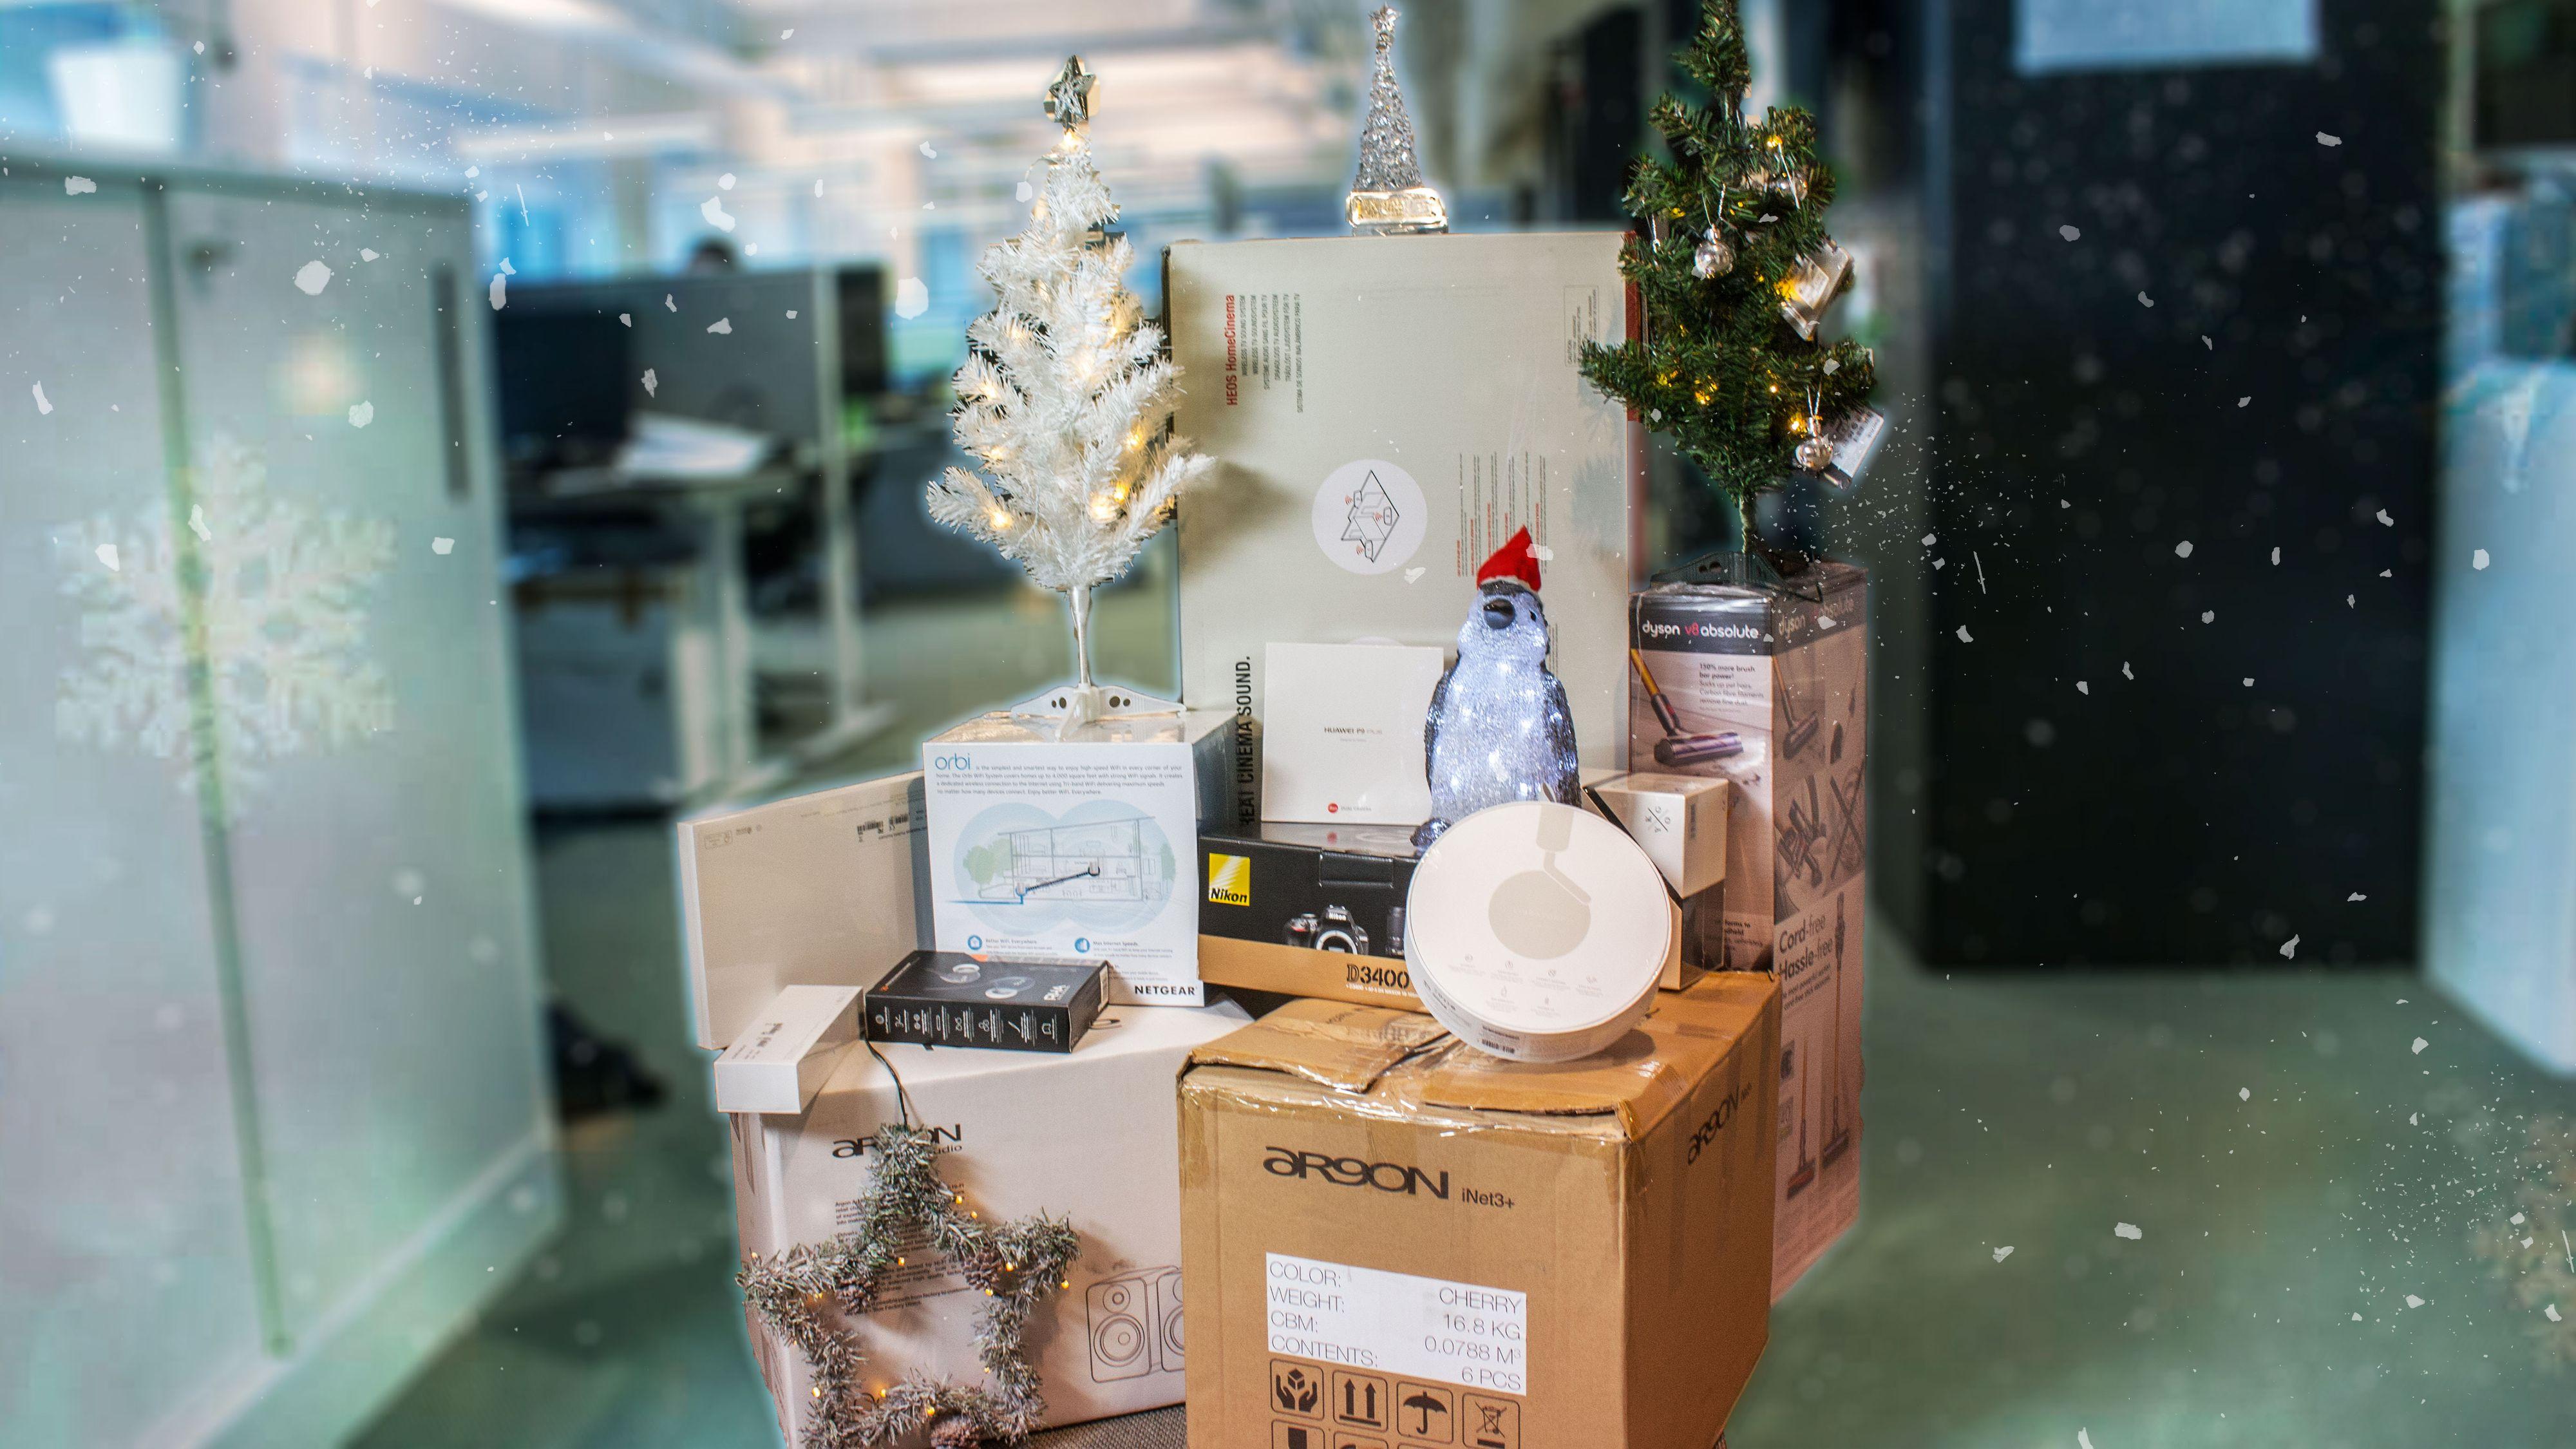 Vinn noen av årets beste hodetelefonkjøp i julekalenderen